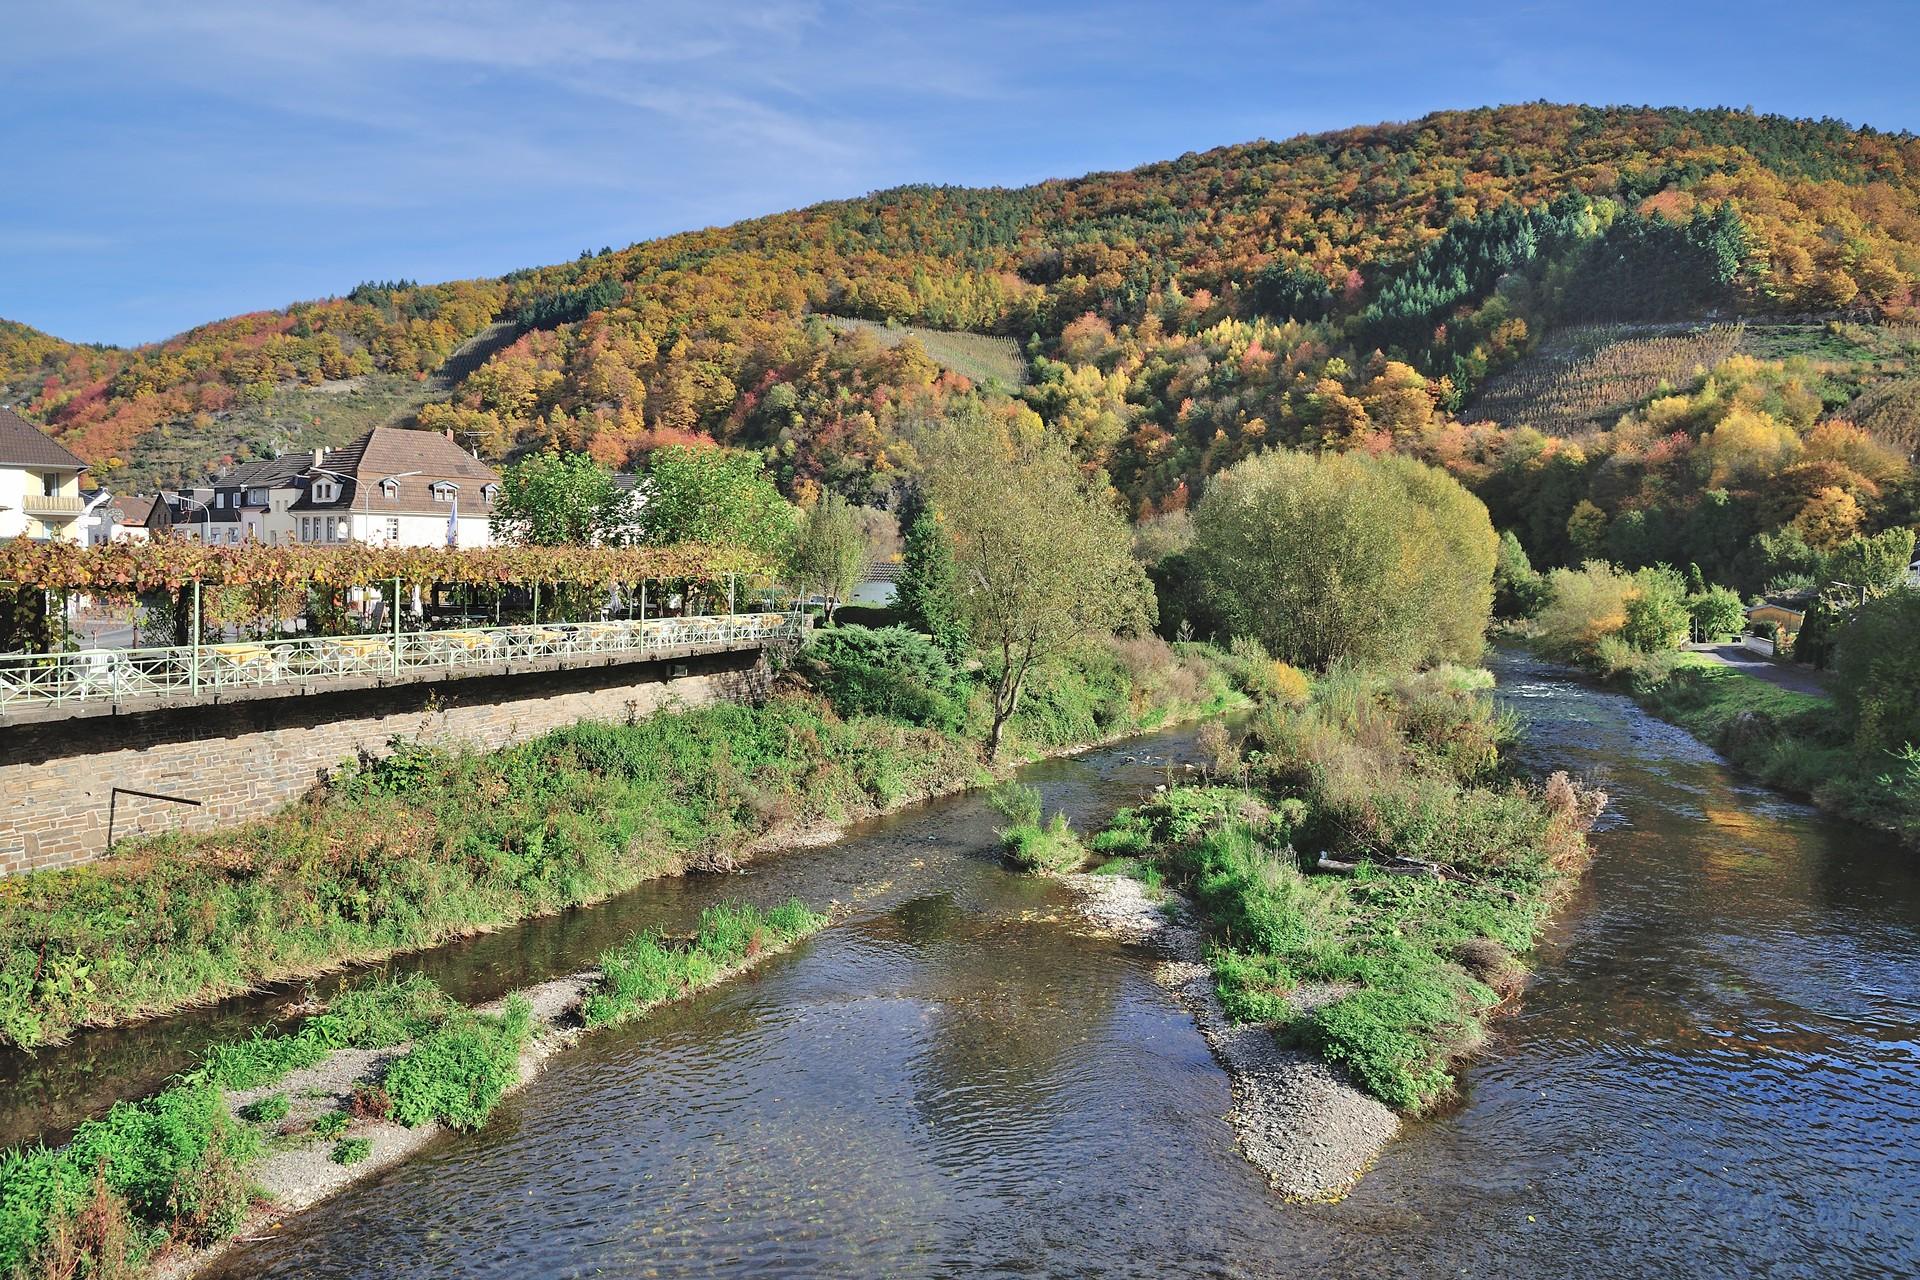 Bad Neuenahr